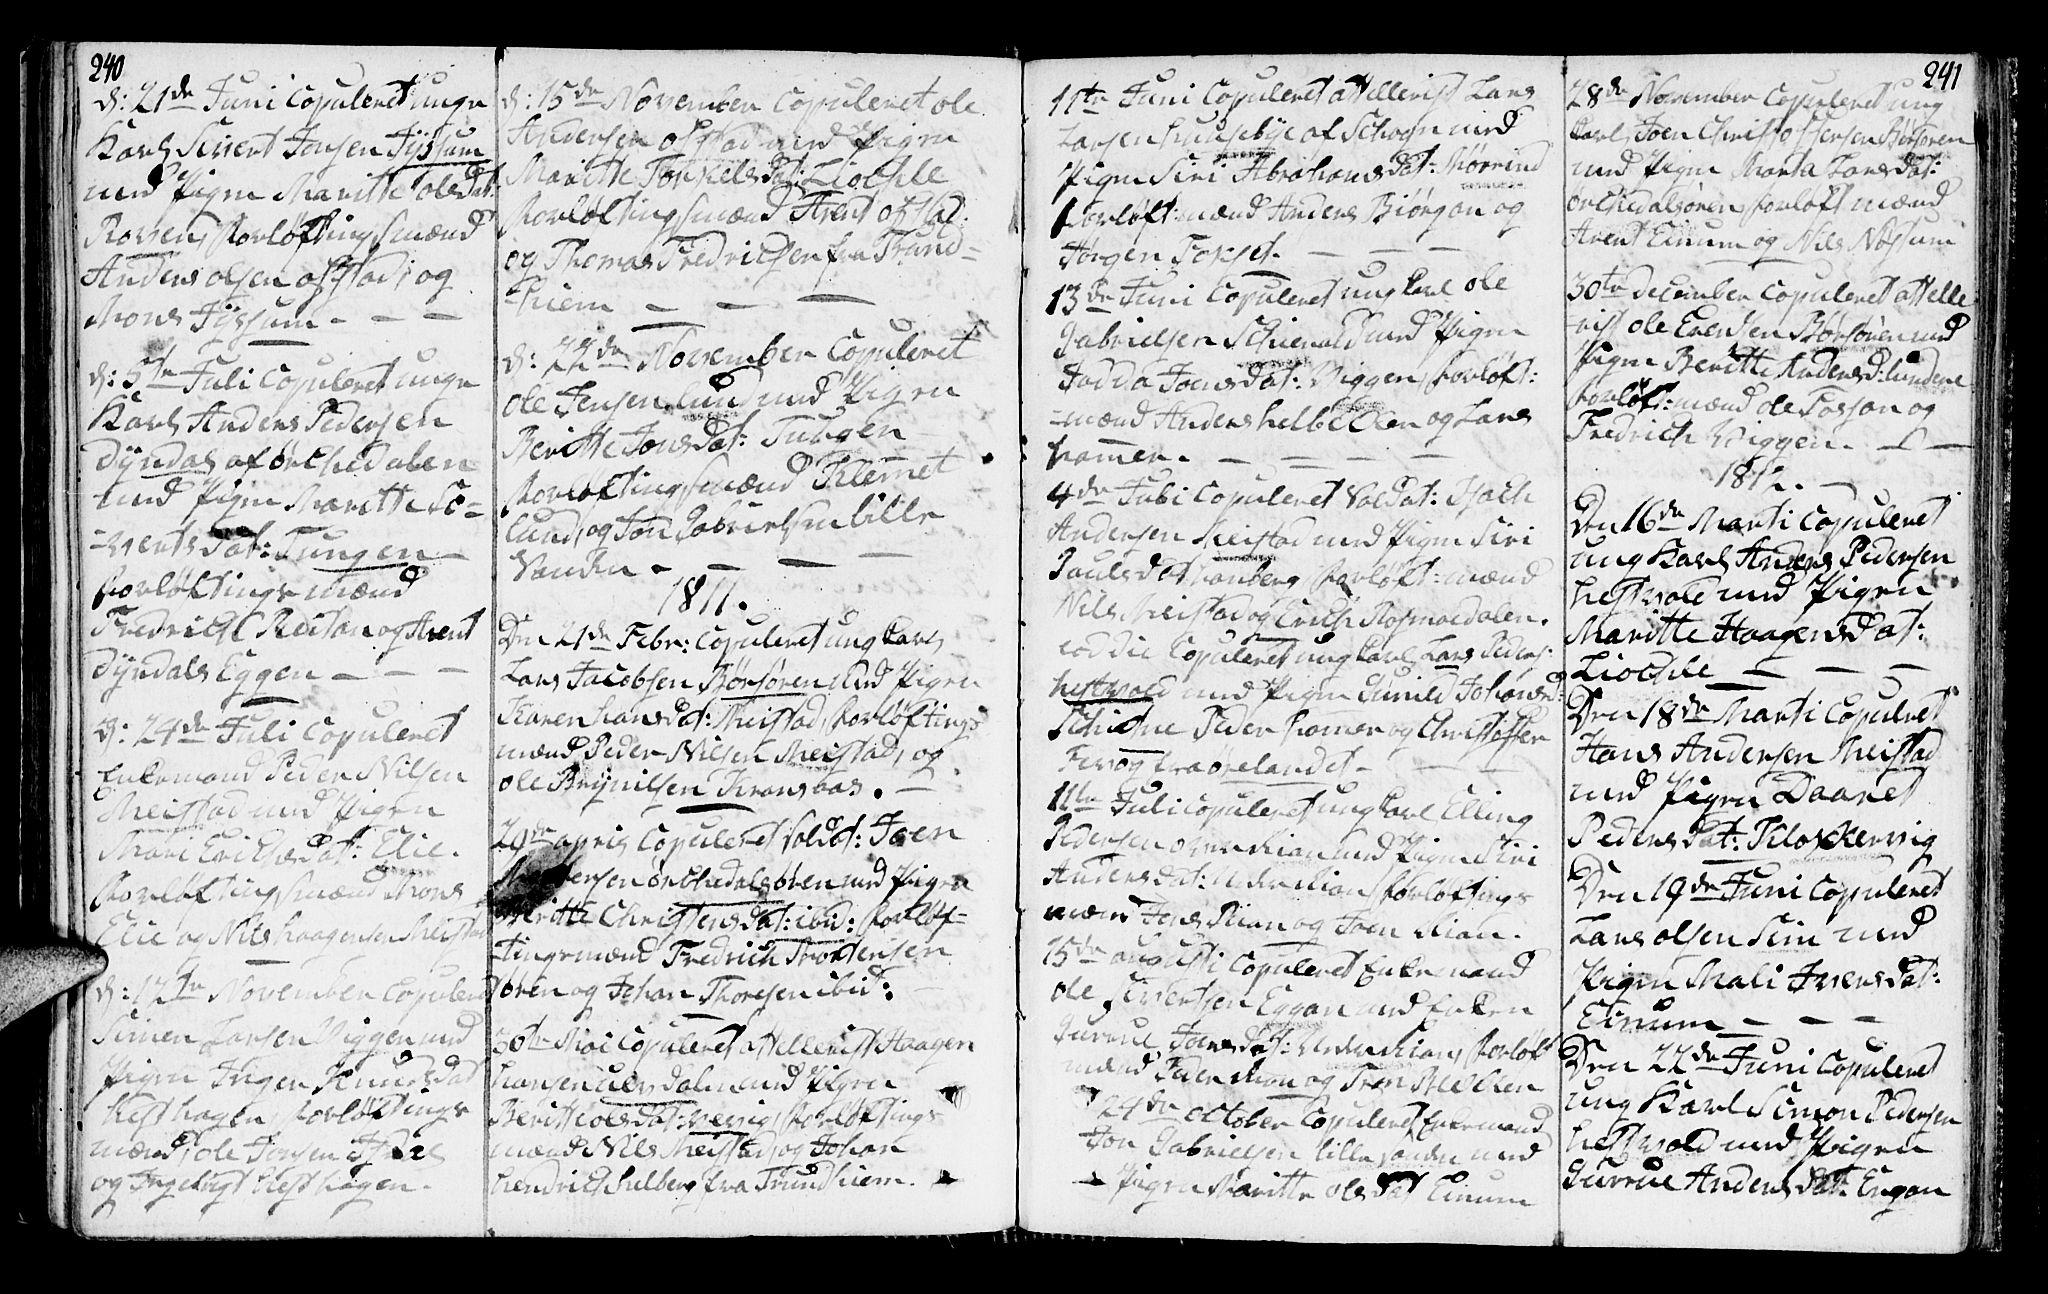 SAT, Ministerialprotokoller, klokkerbøker og fødselsregistre - Sør-Trøndelag, 665/L0769: Ministerialbok nr. 665A04, 1803-1816, s. 240-241